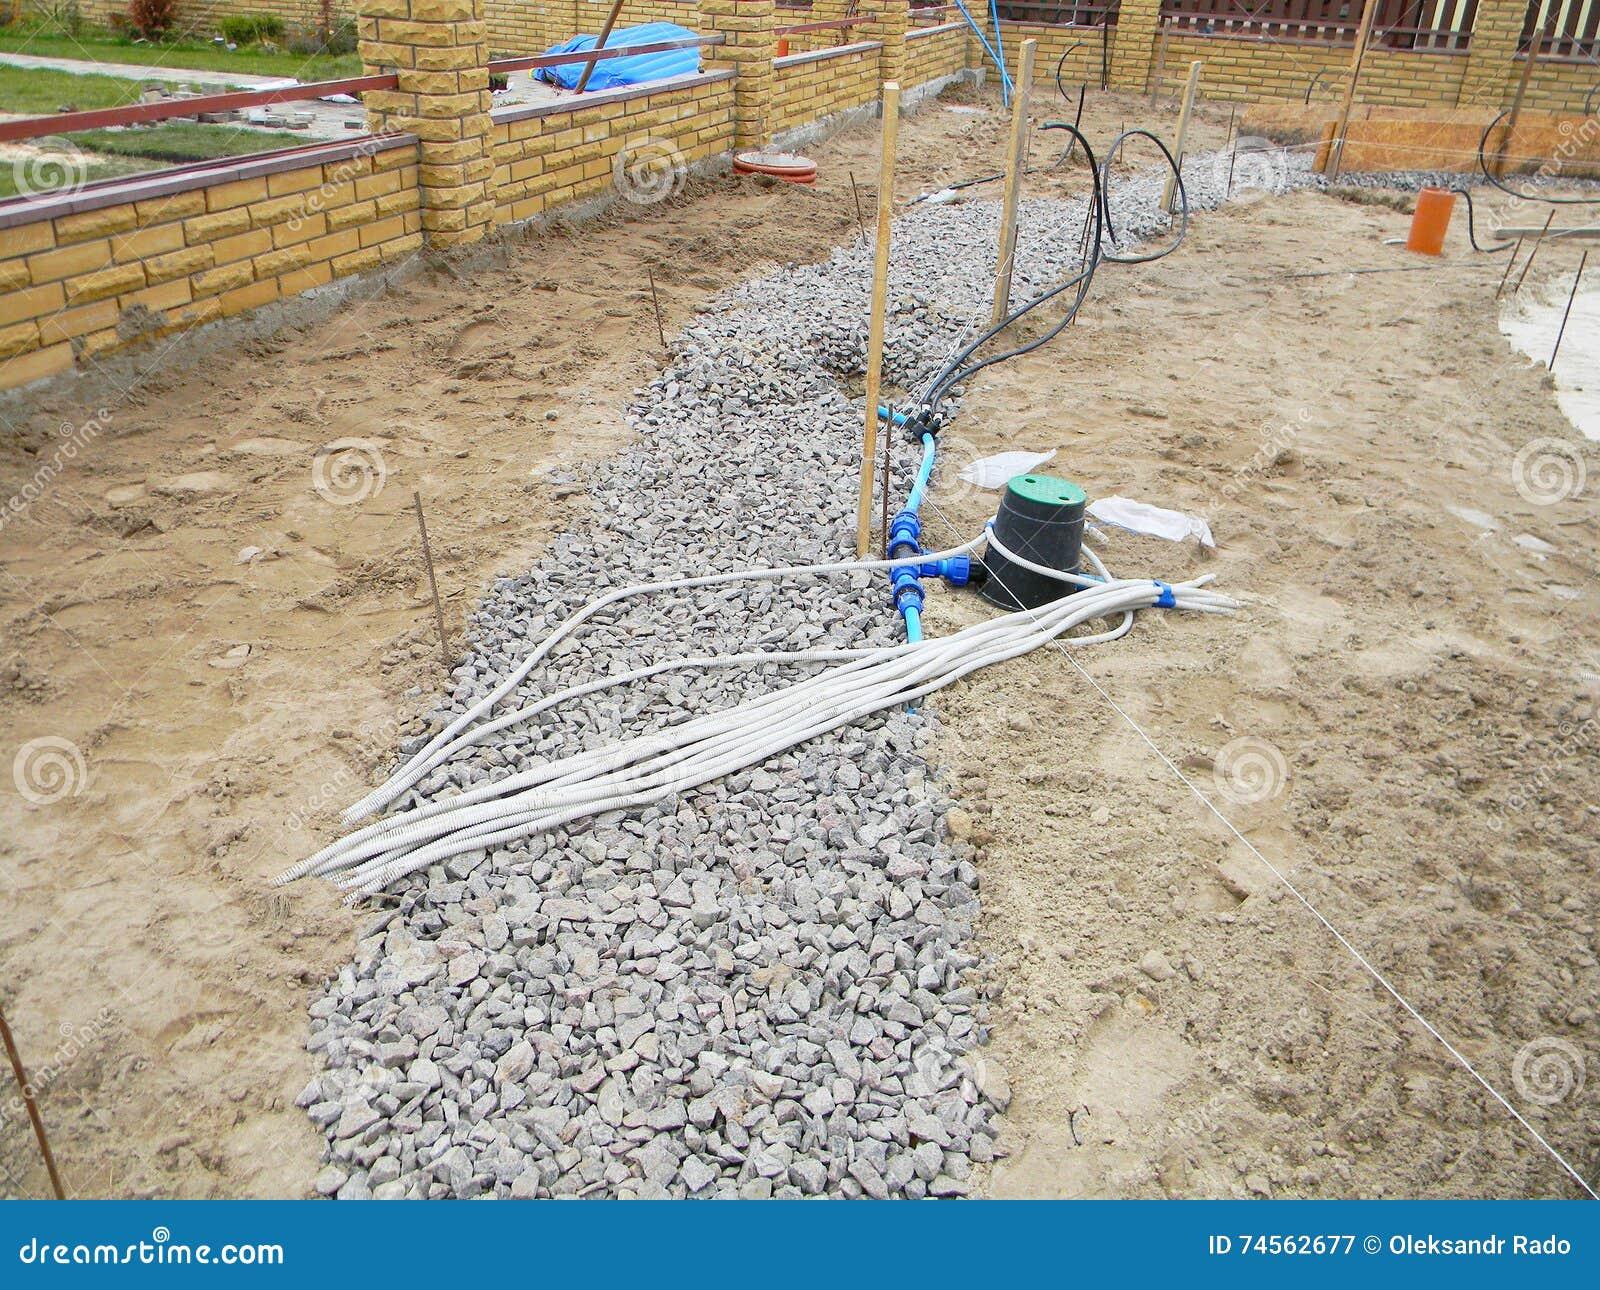 Pavimentos exteriores jardin pavimentos para exterior y jardin foto nuevo pavimento concreto - Pavimento jardin ...